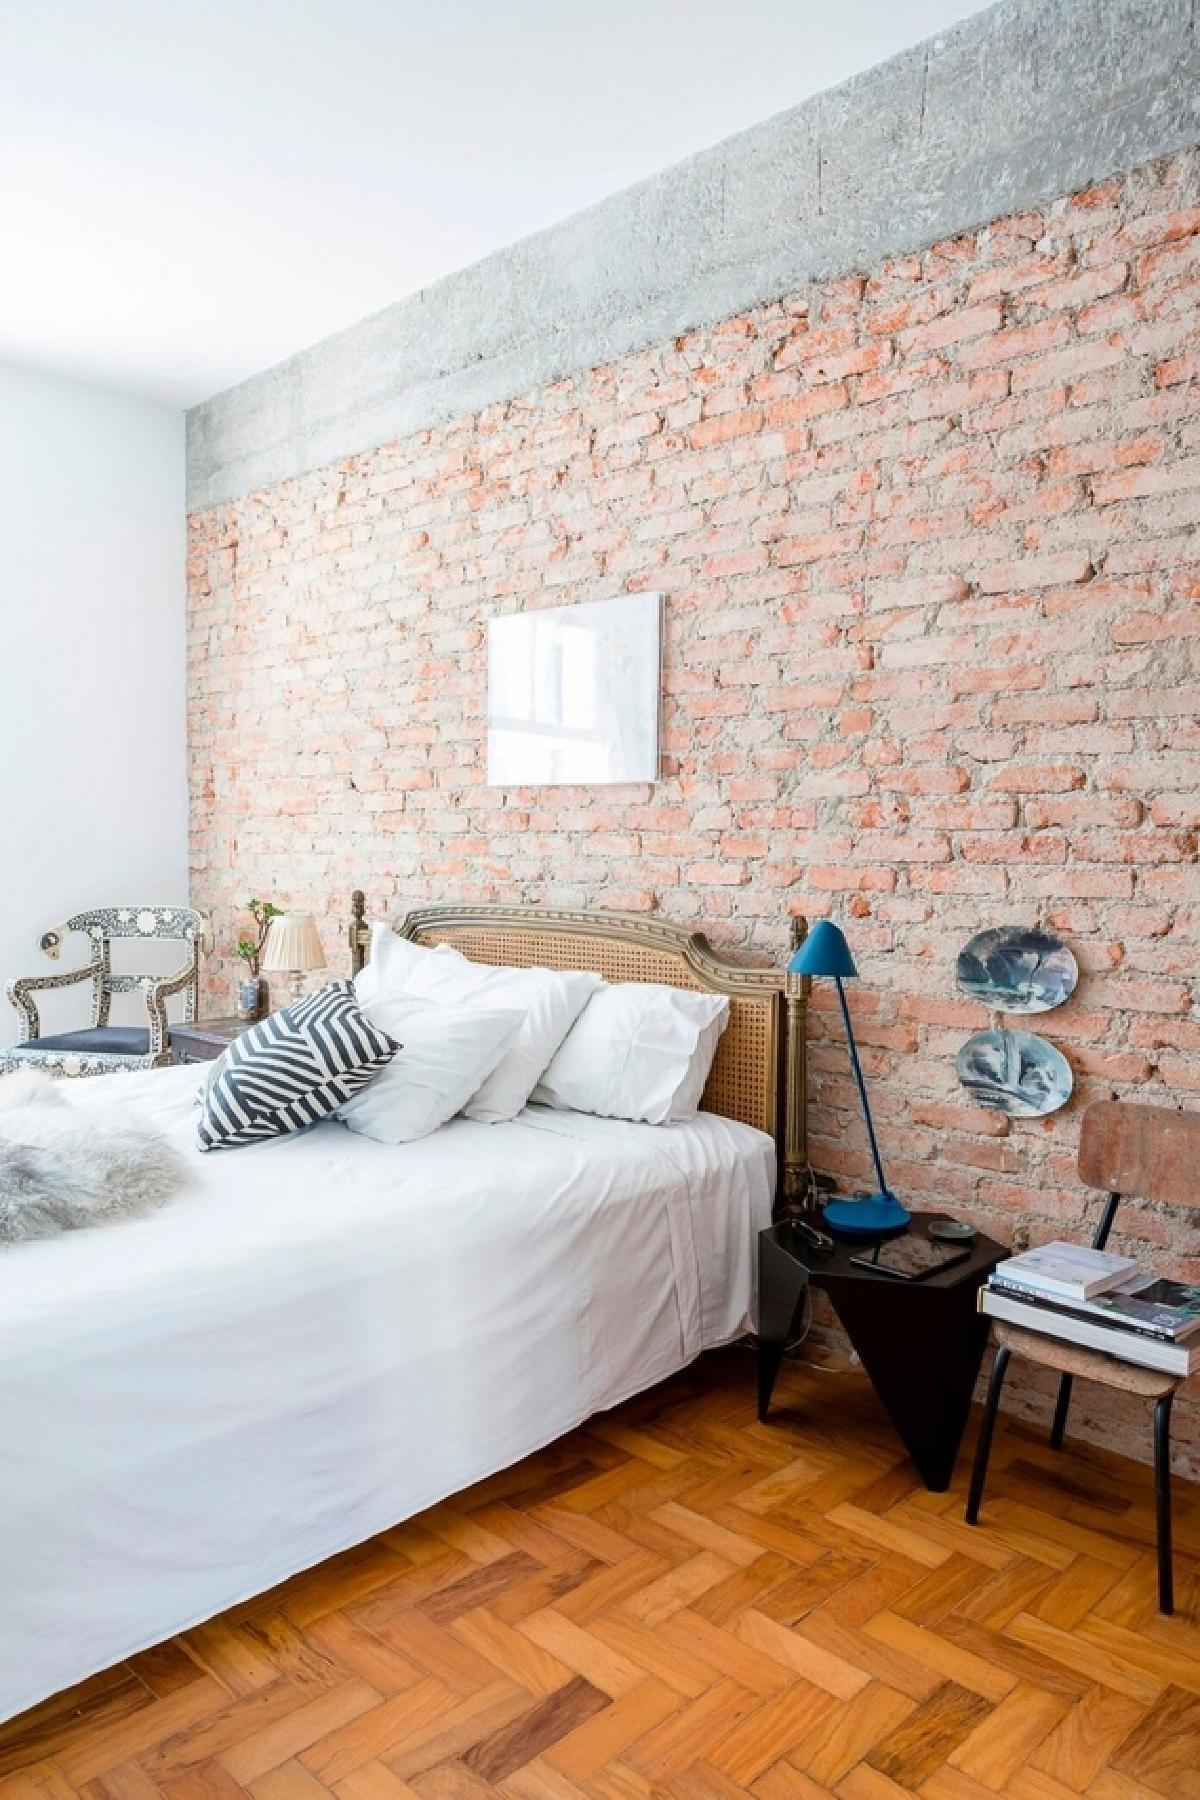 卧室区域保持中立,允许砖砌和原始人字架地板的纹理和图案是主要特征。